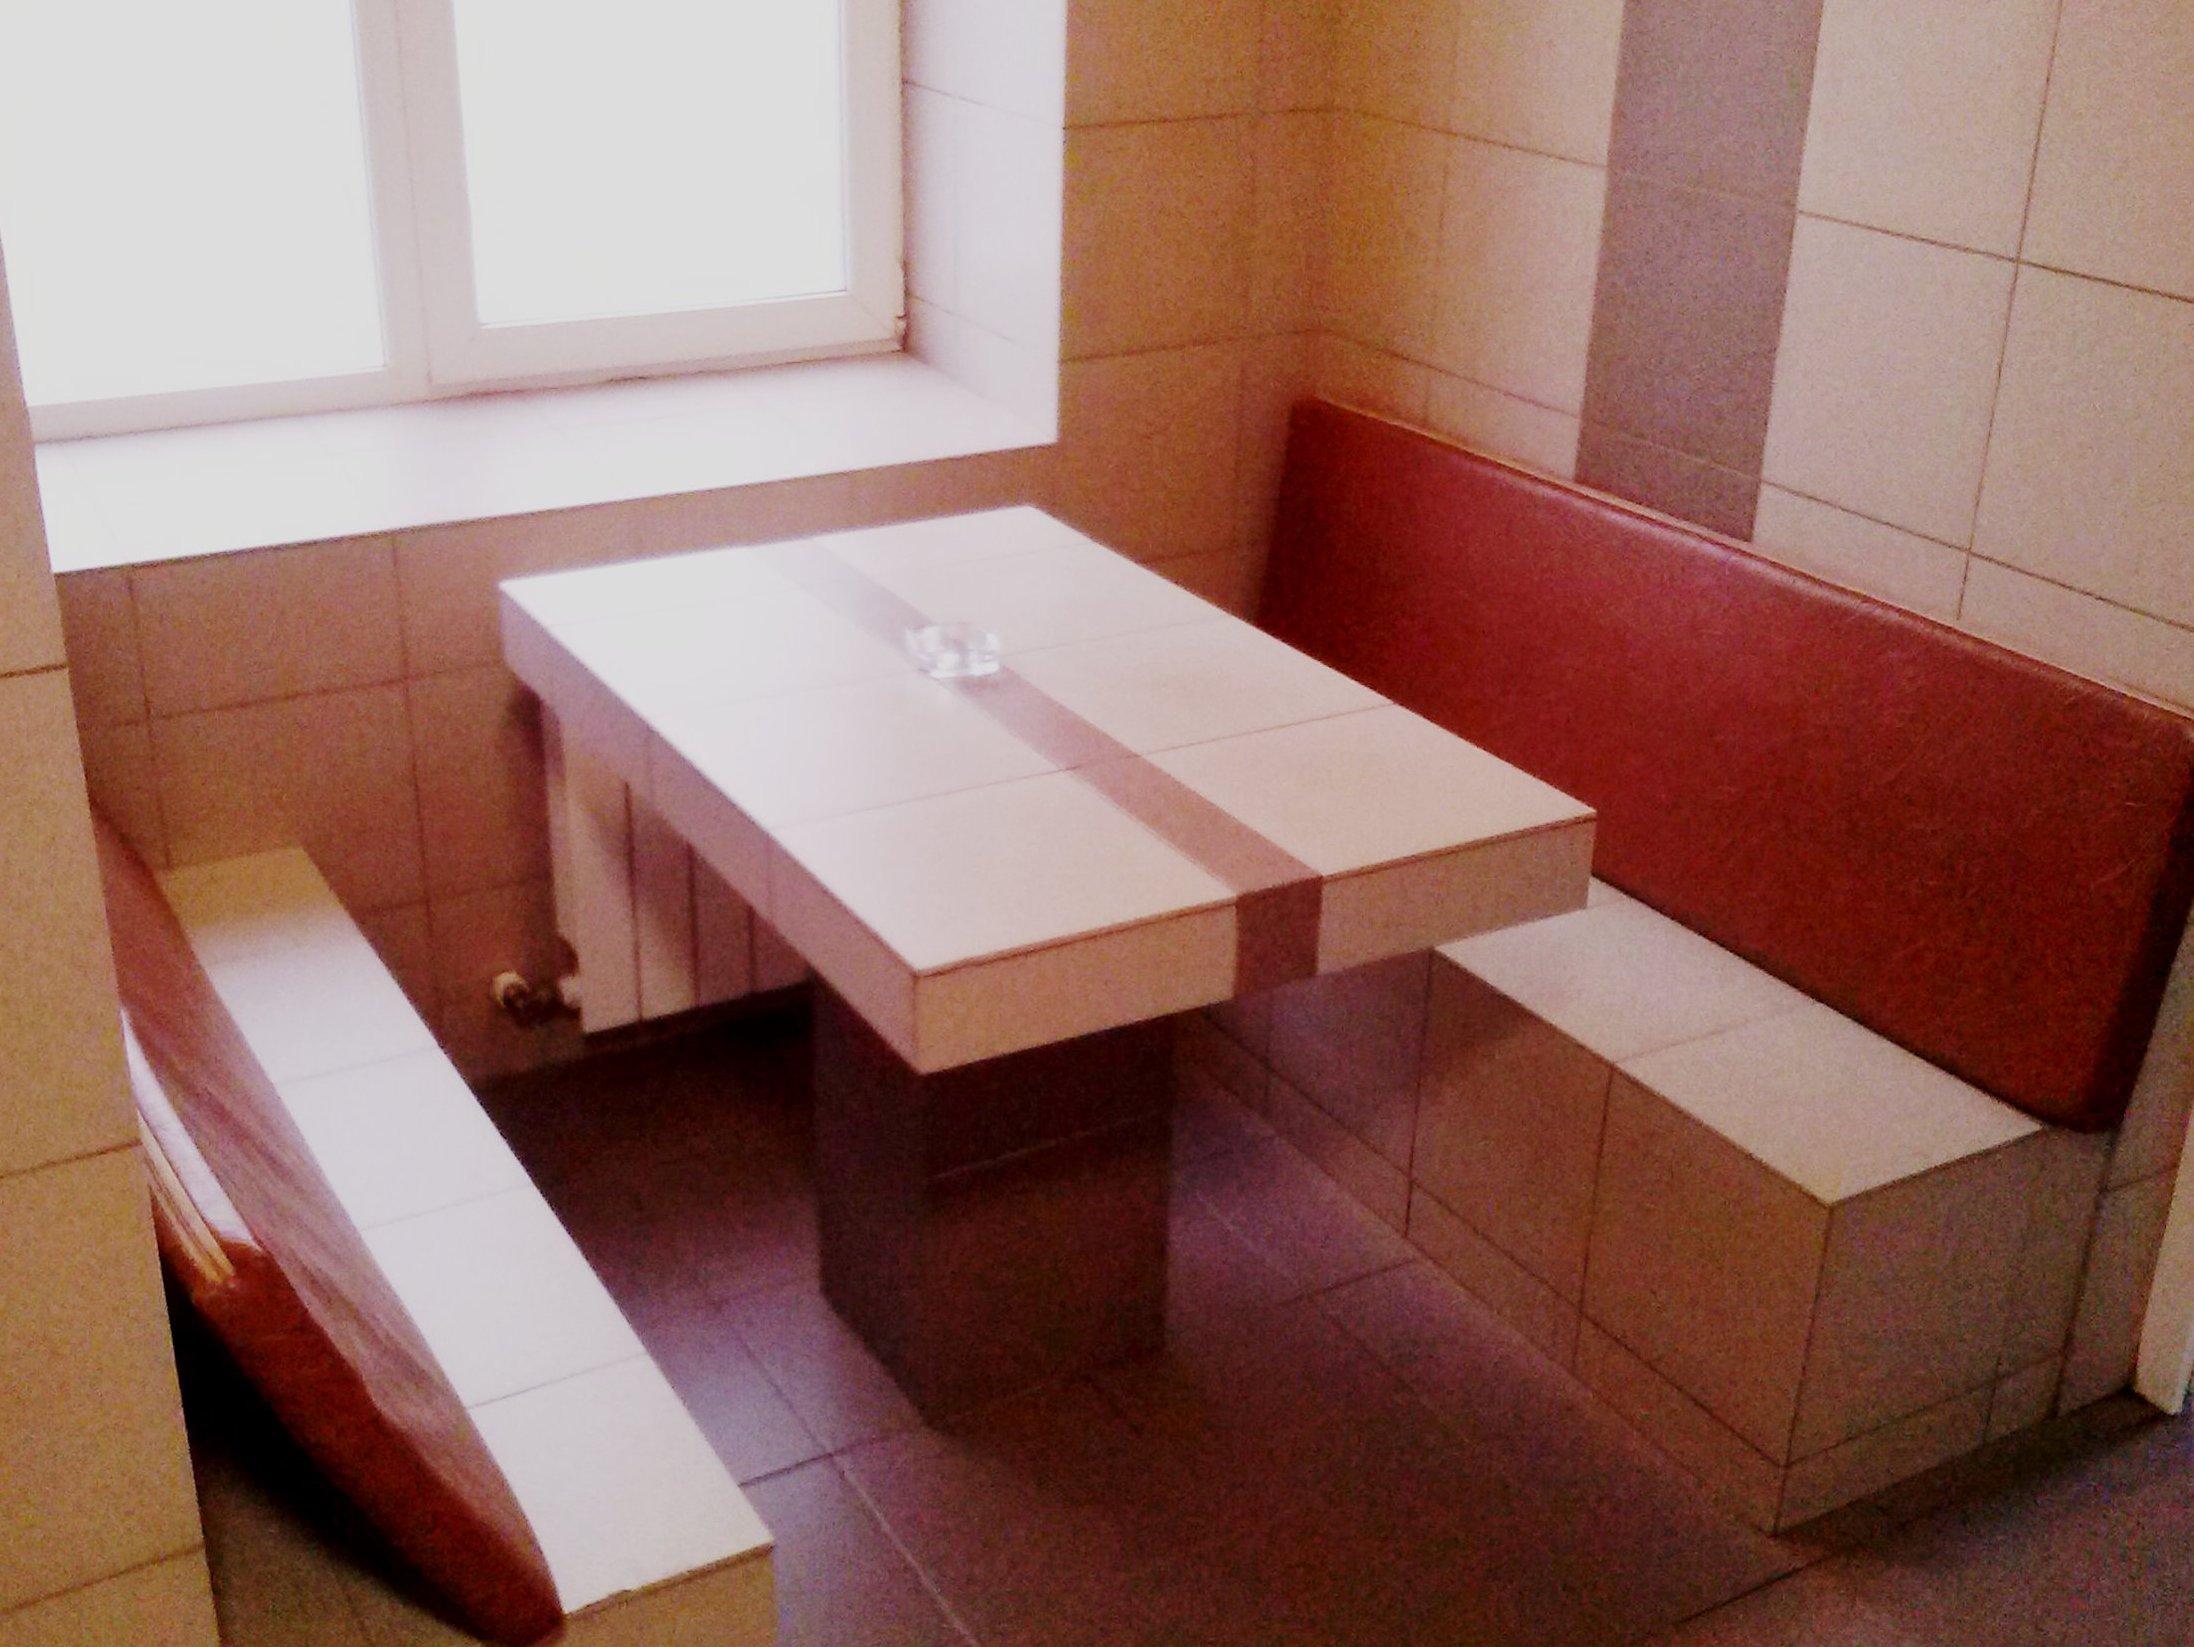 Смотреть бесплатно общая мужская баня 1 фотография